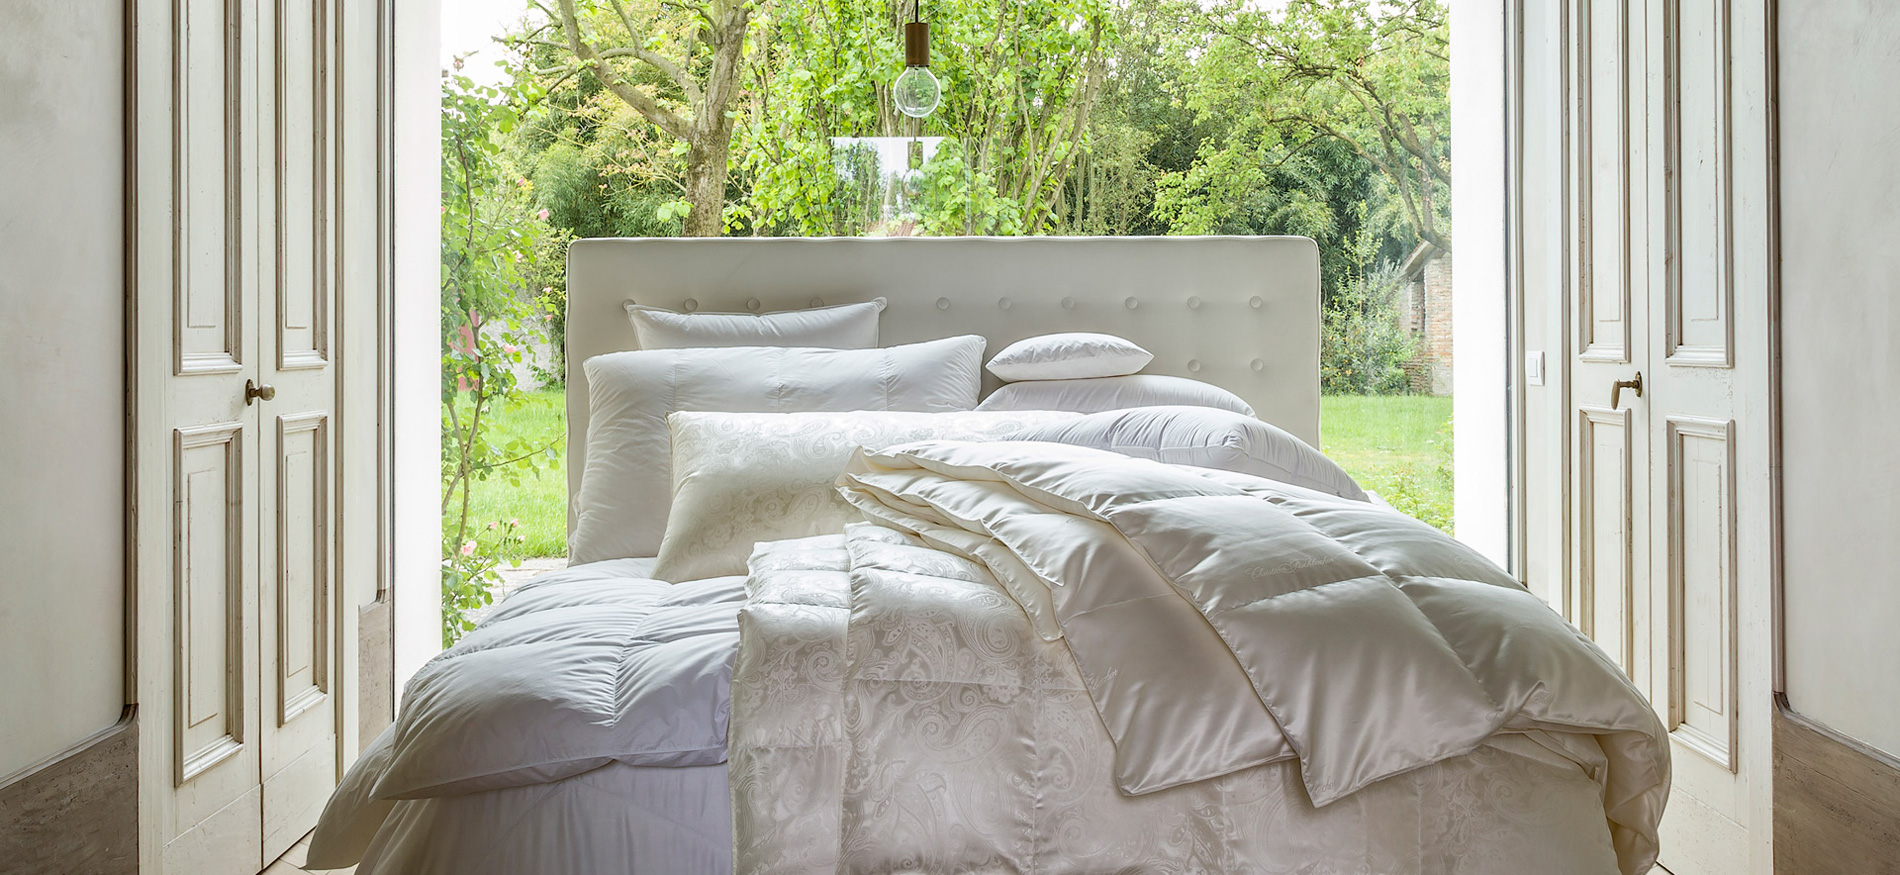 Christian Fischbacher Duvets and Pillows